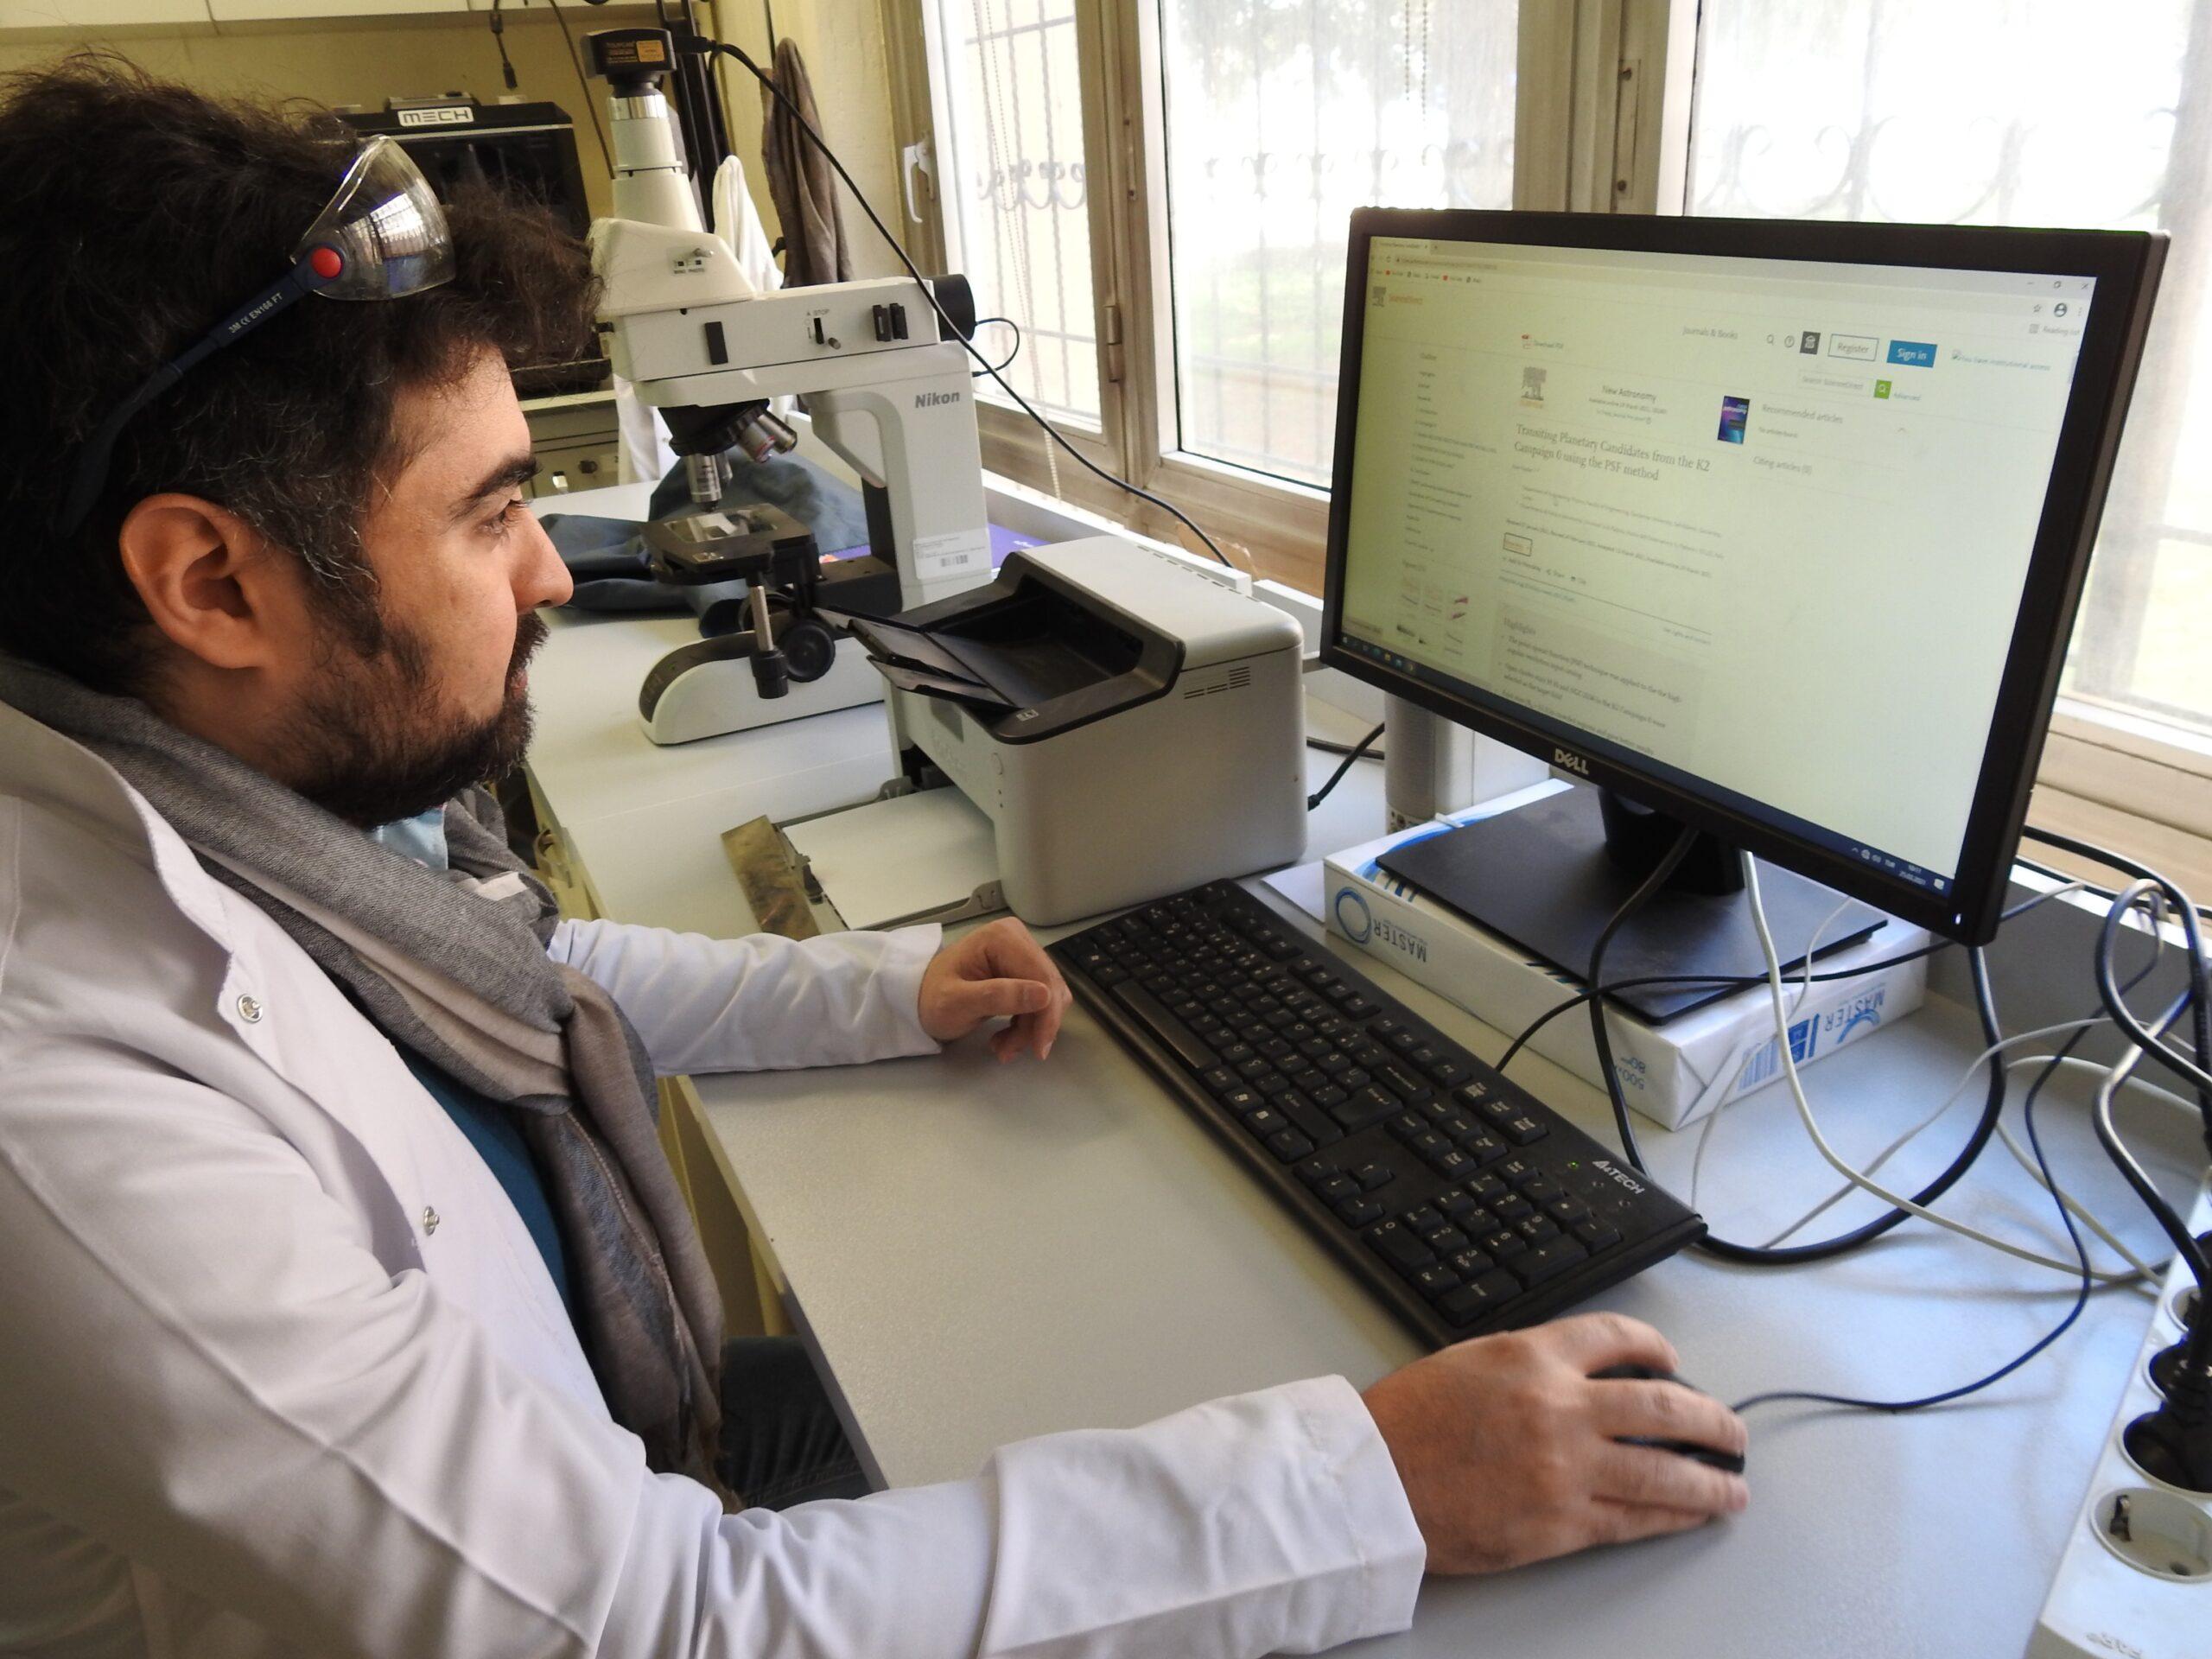 İtalyanların peşinde olduğu Türk öğrenci yeni bir gezegenin izini sürüyor